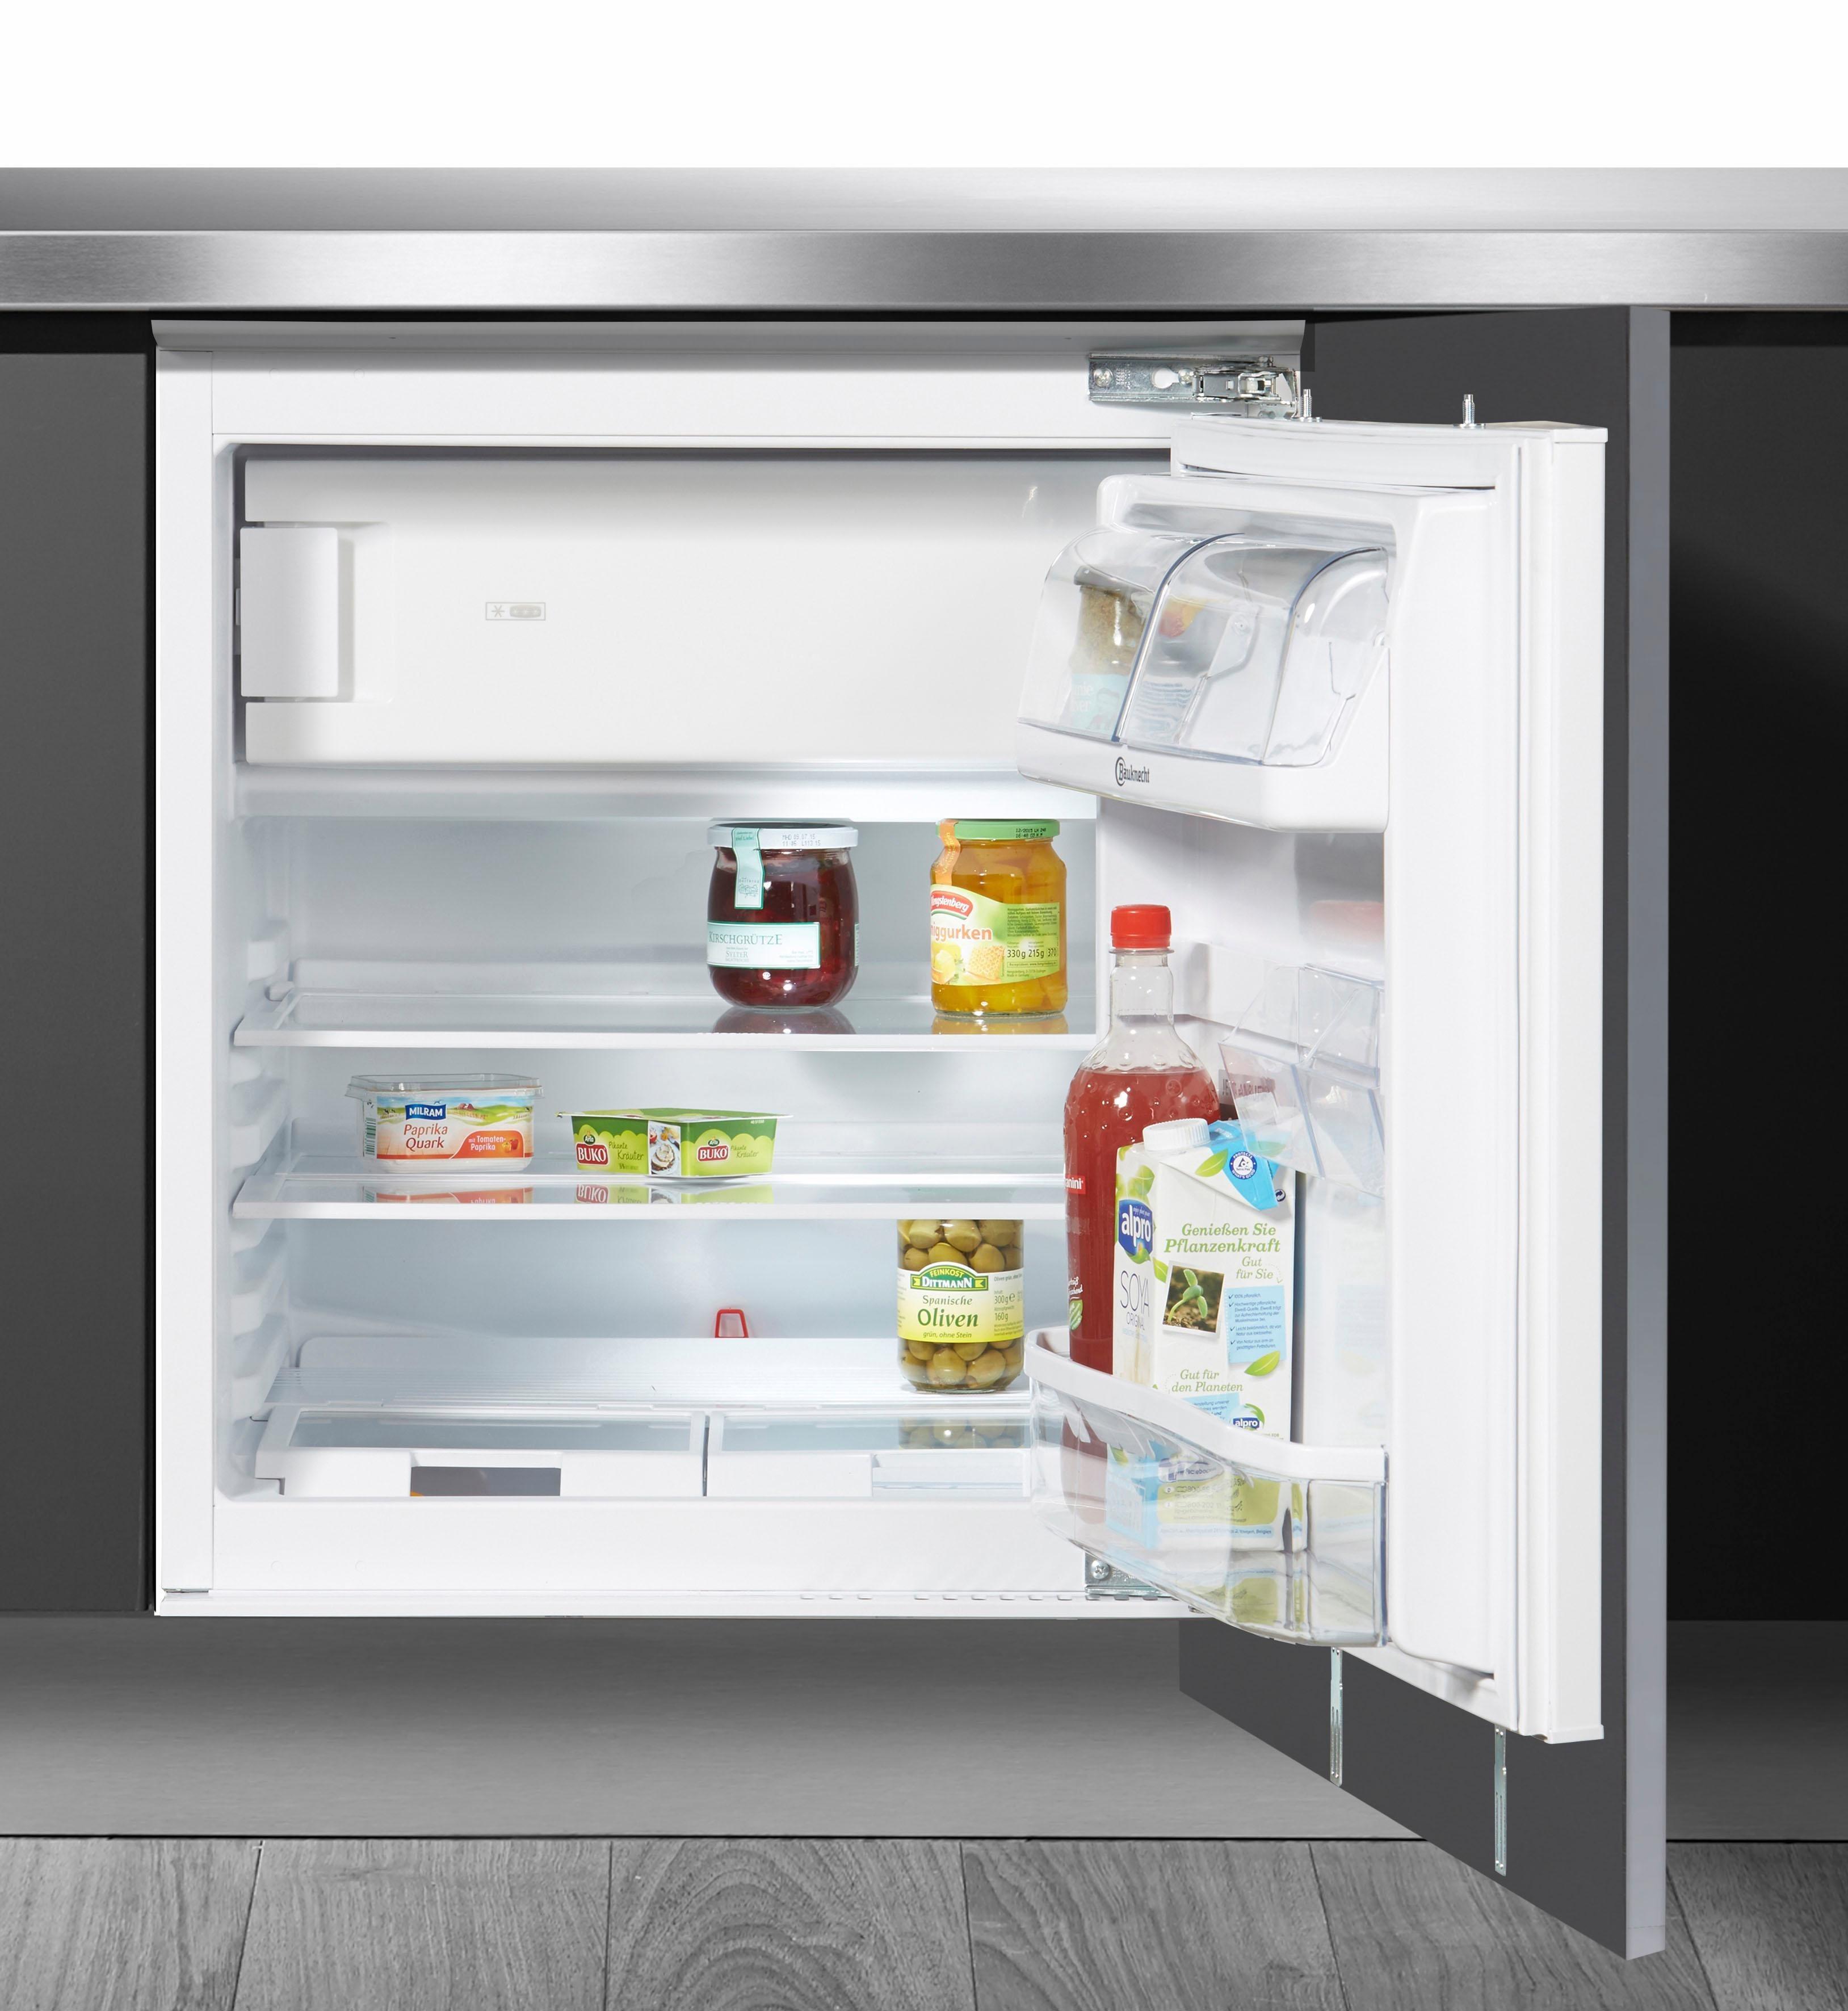 Unterbaukühlschrank A+++ Preisvergleich • Die besten Angebote online ...